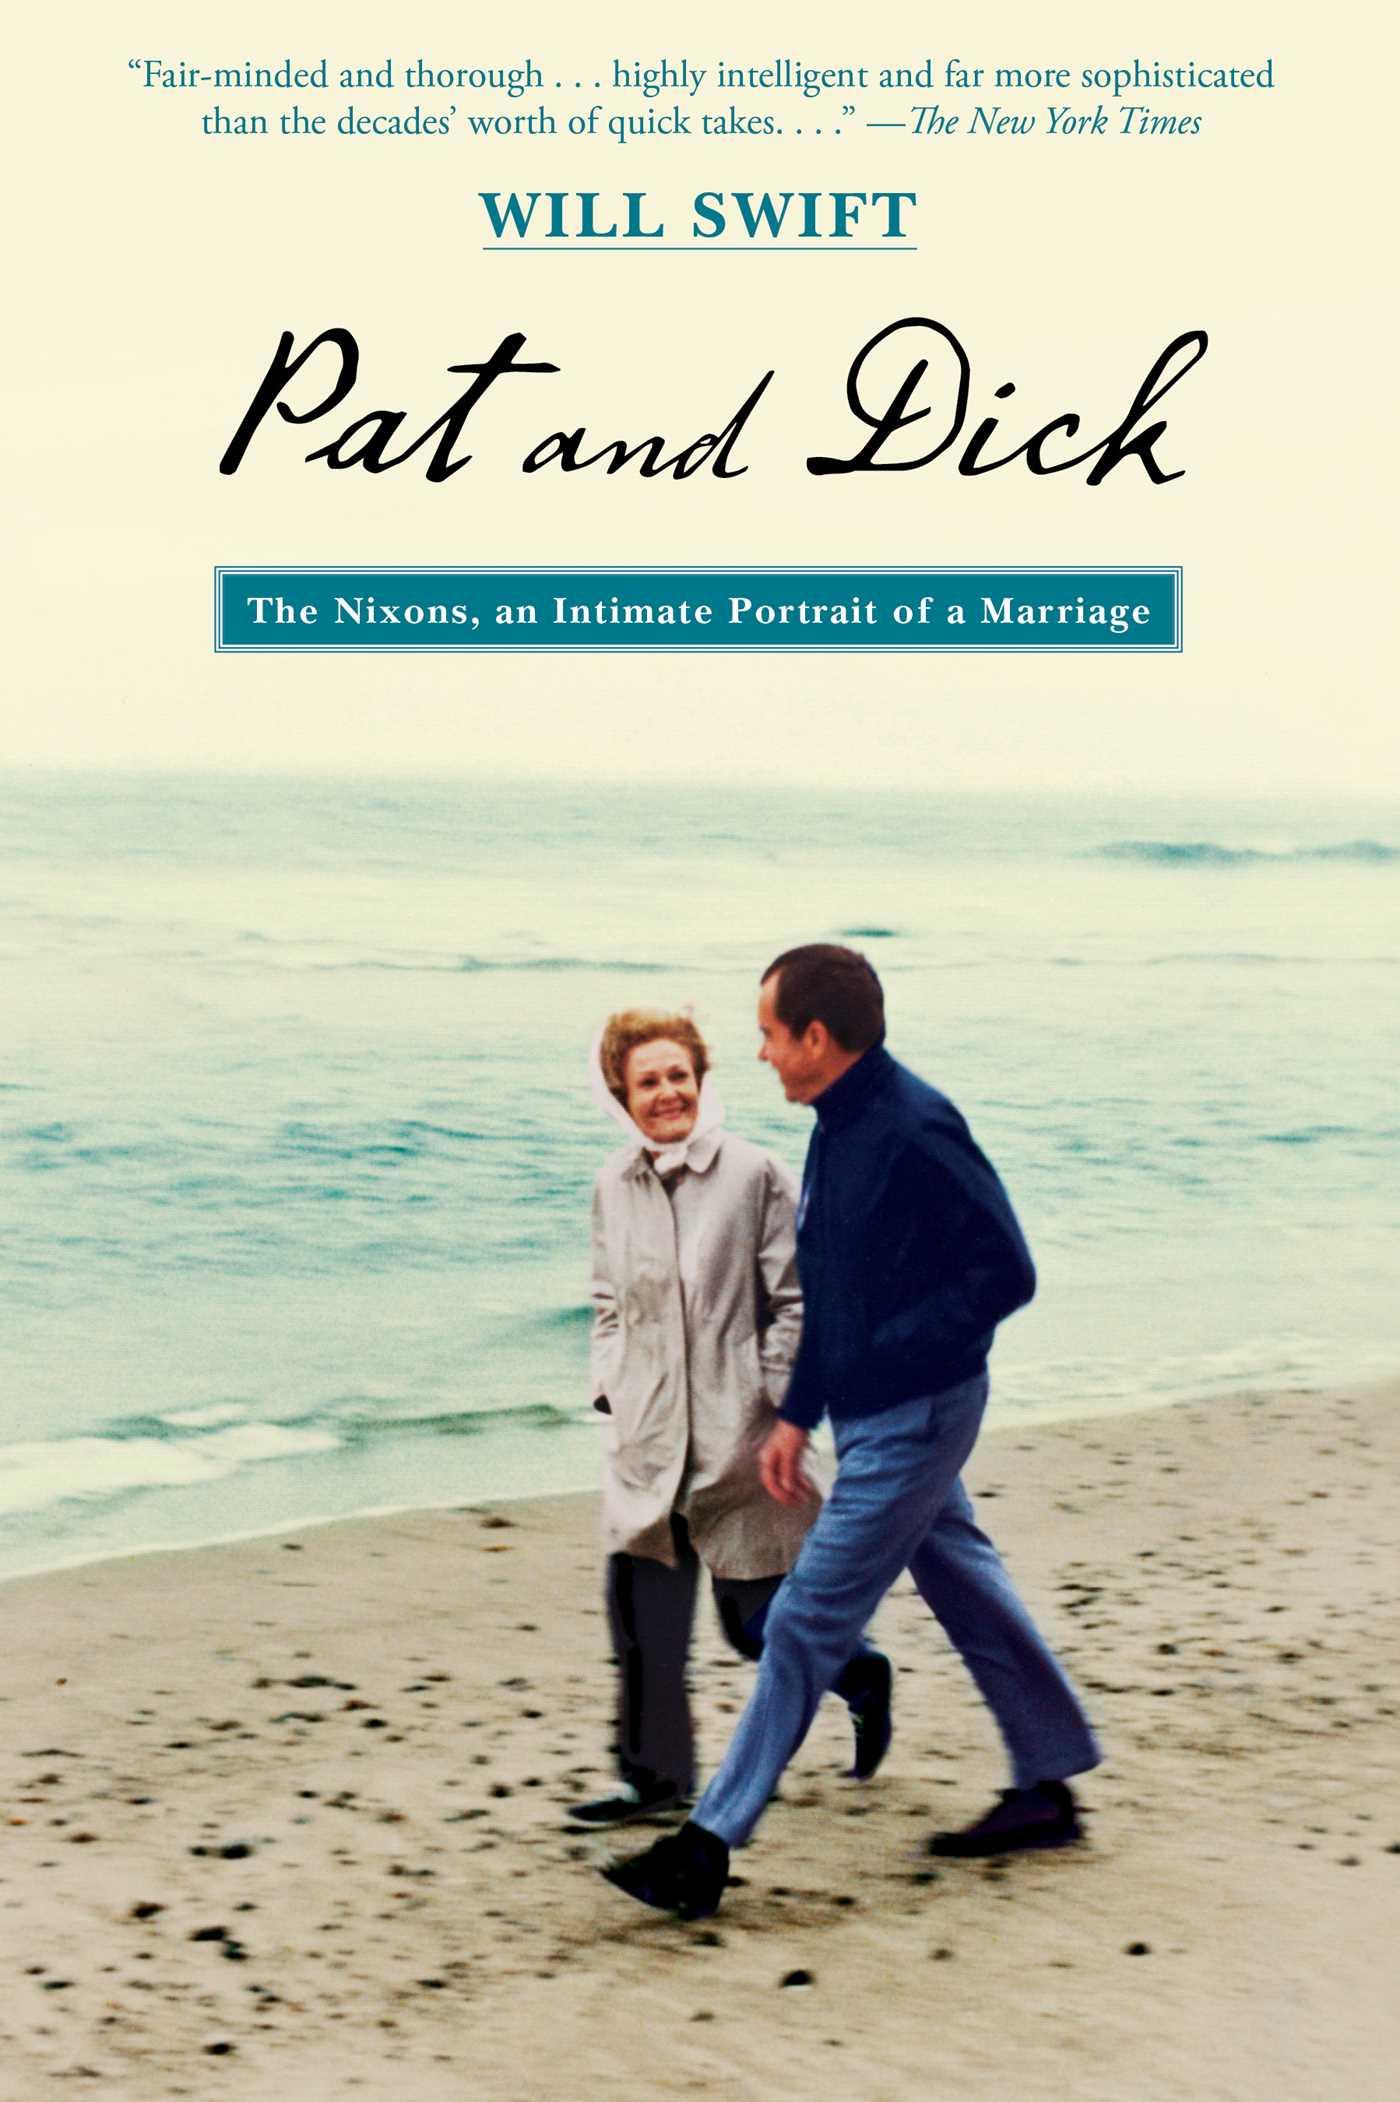 Pat and dick 9781451676969 hr